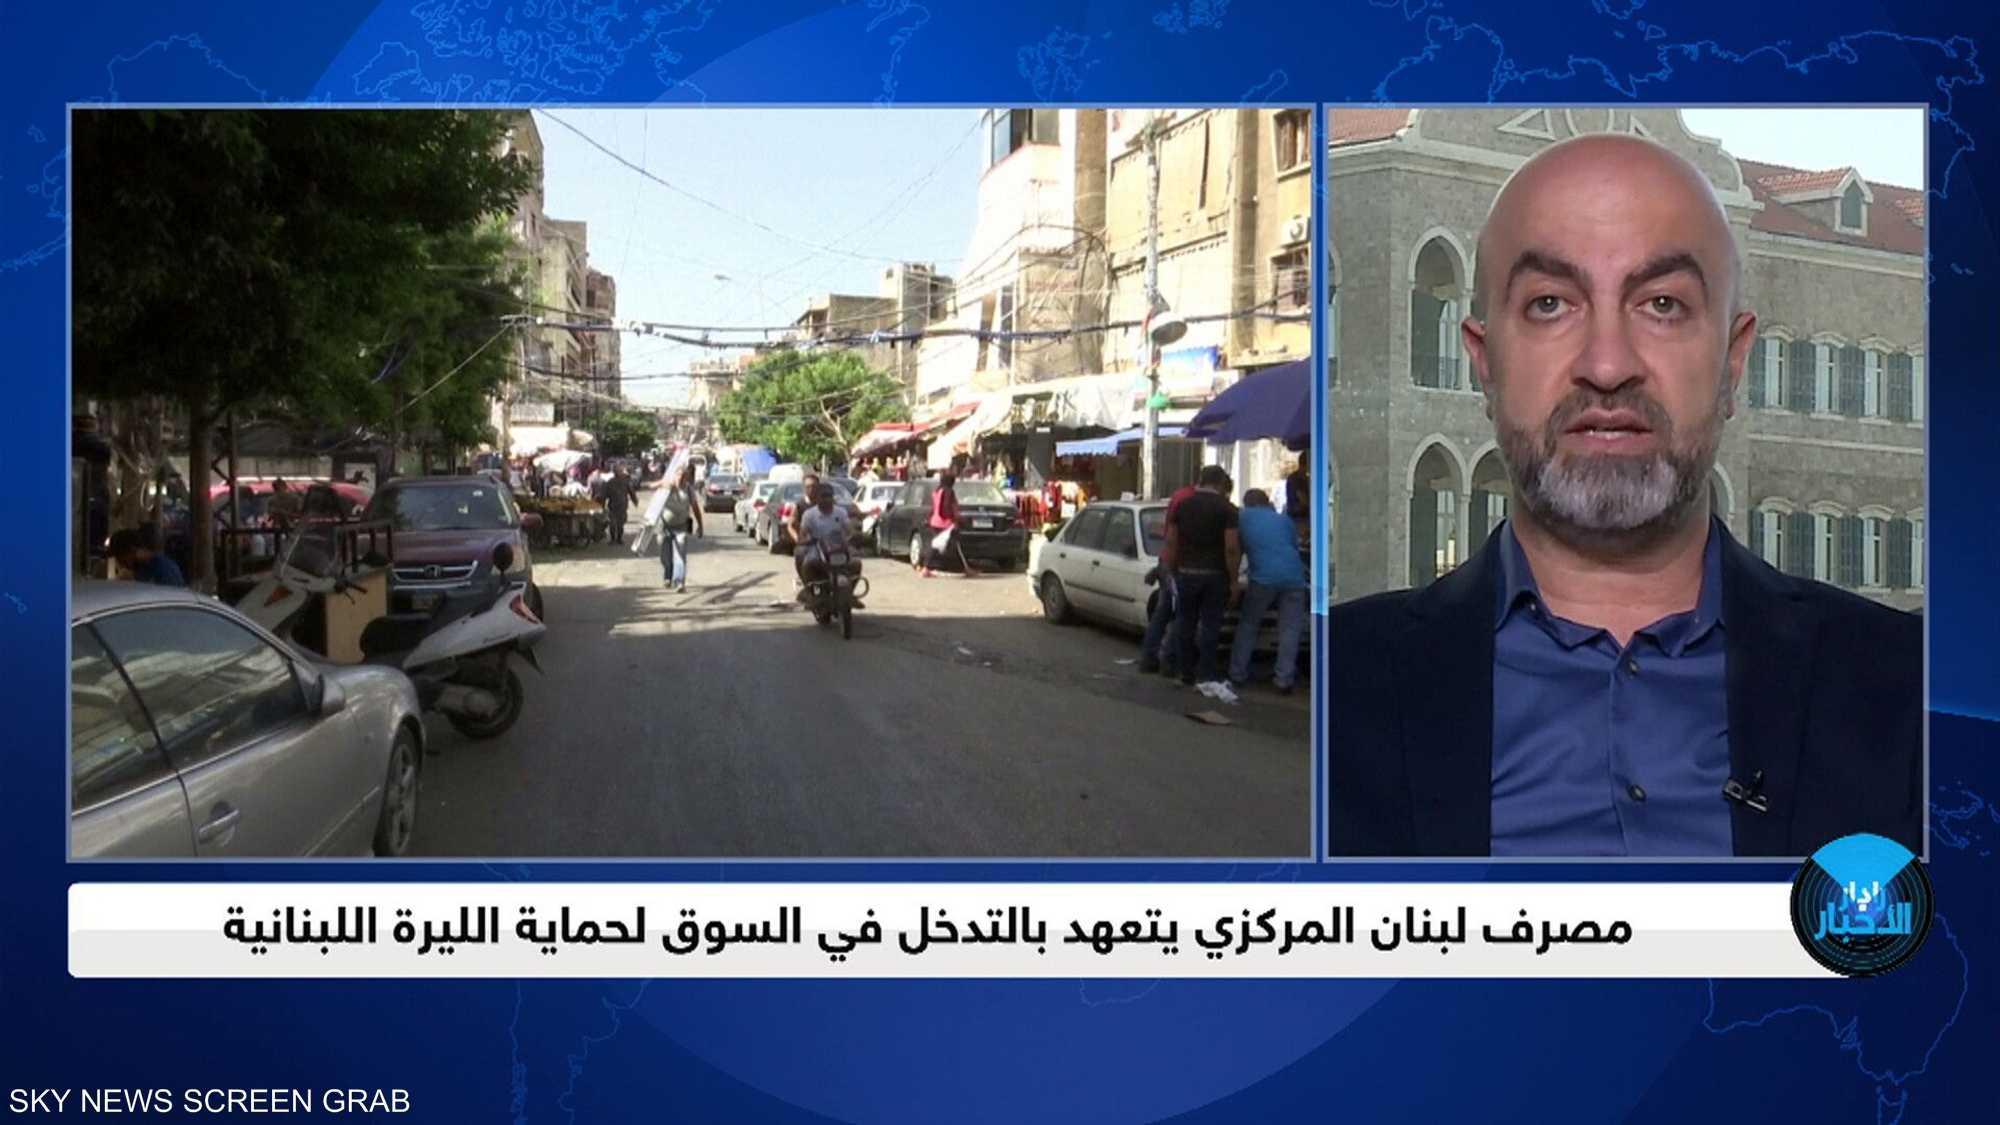 مصرف لبنان المركزي يتعهد بالتدخل في السوق لحماية الليرة